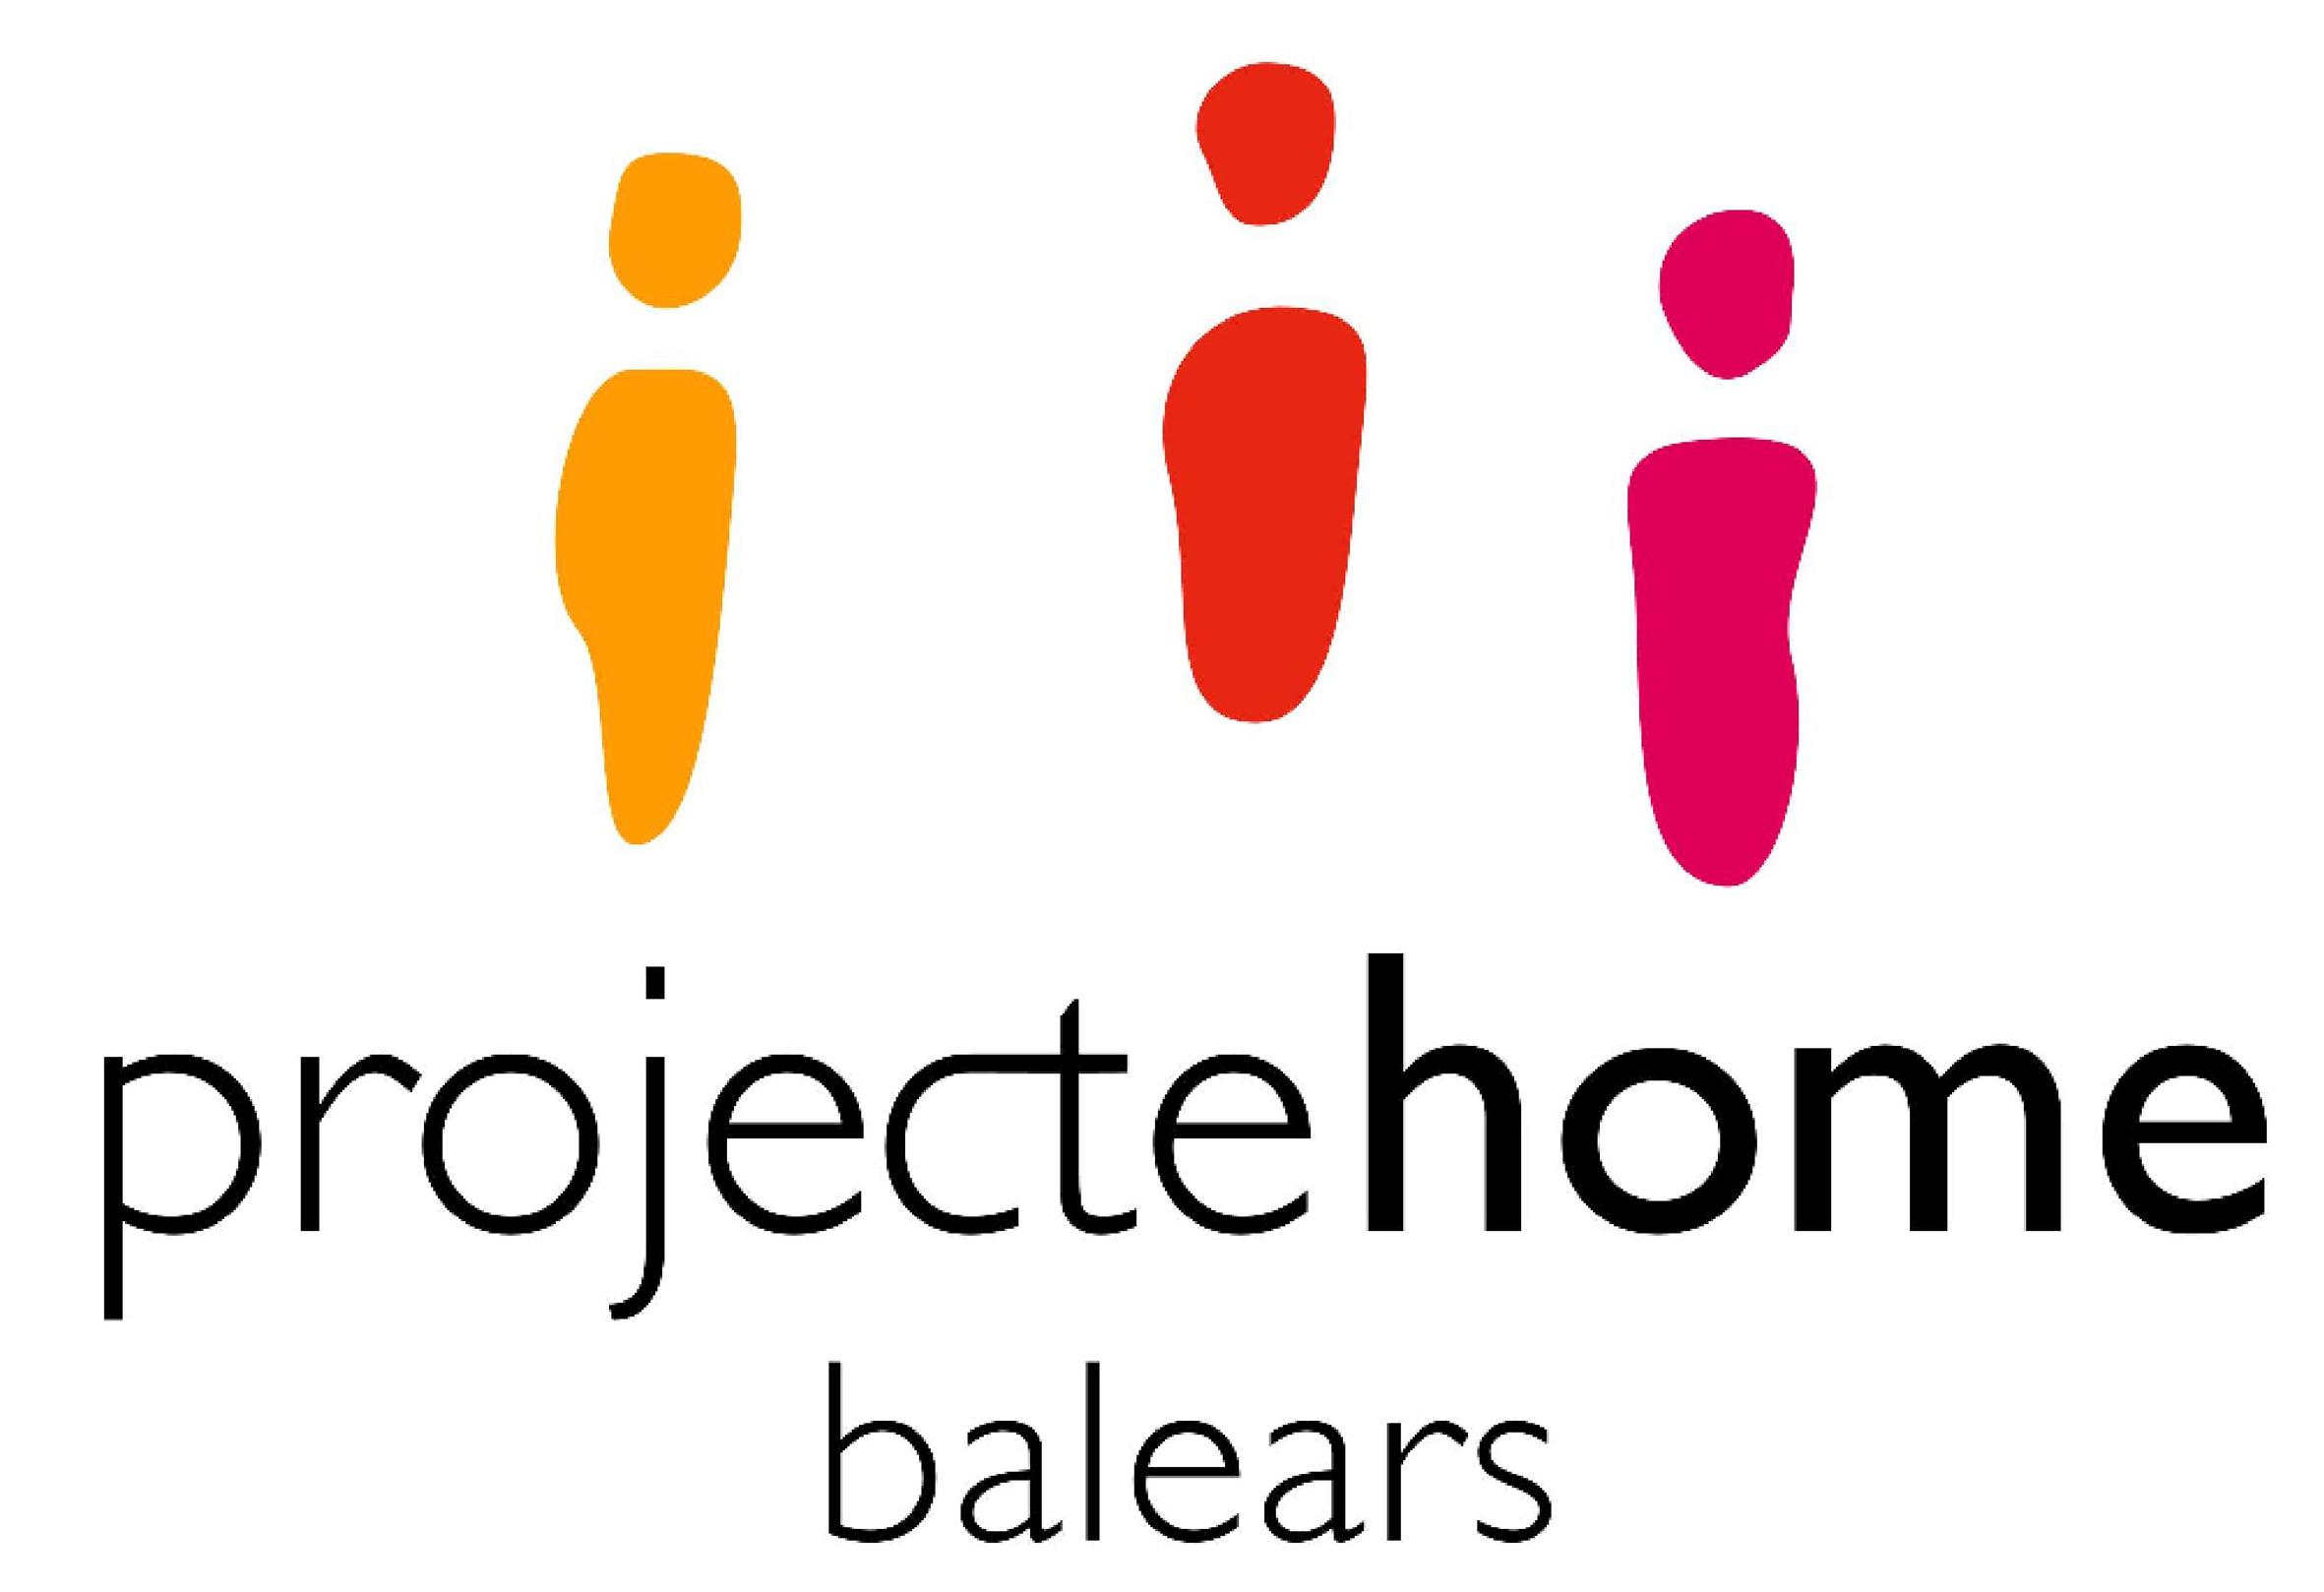 Projecte home